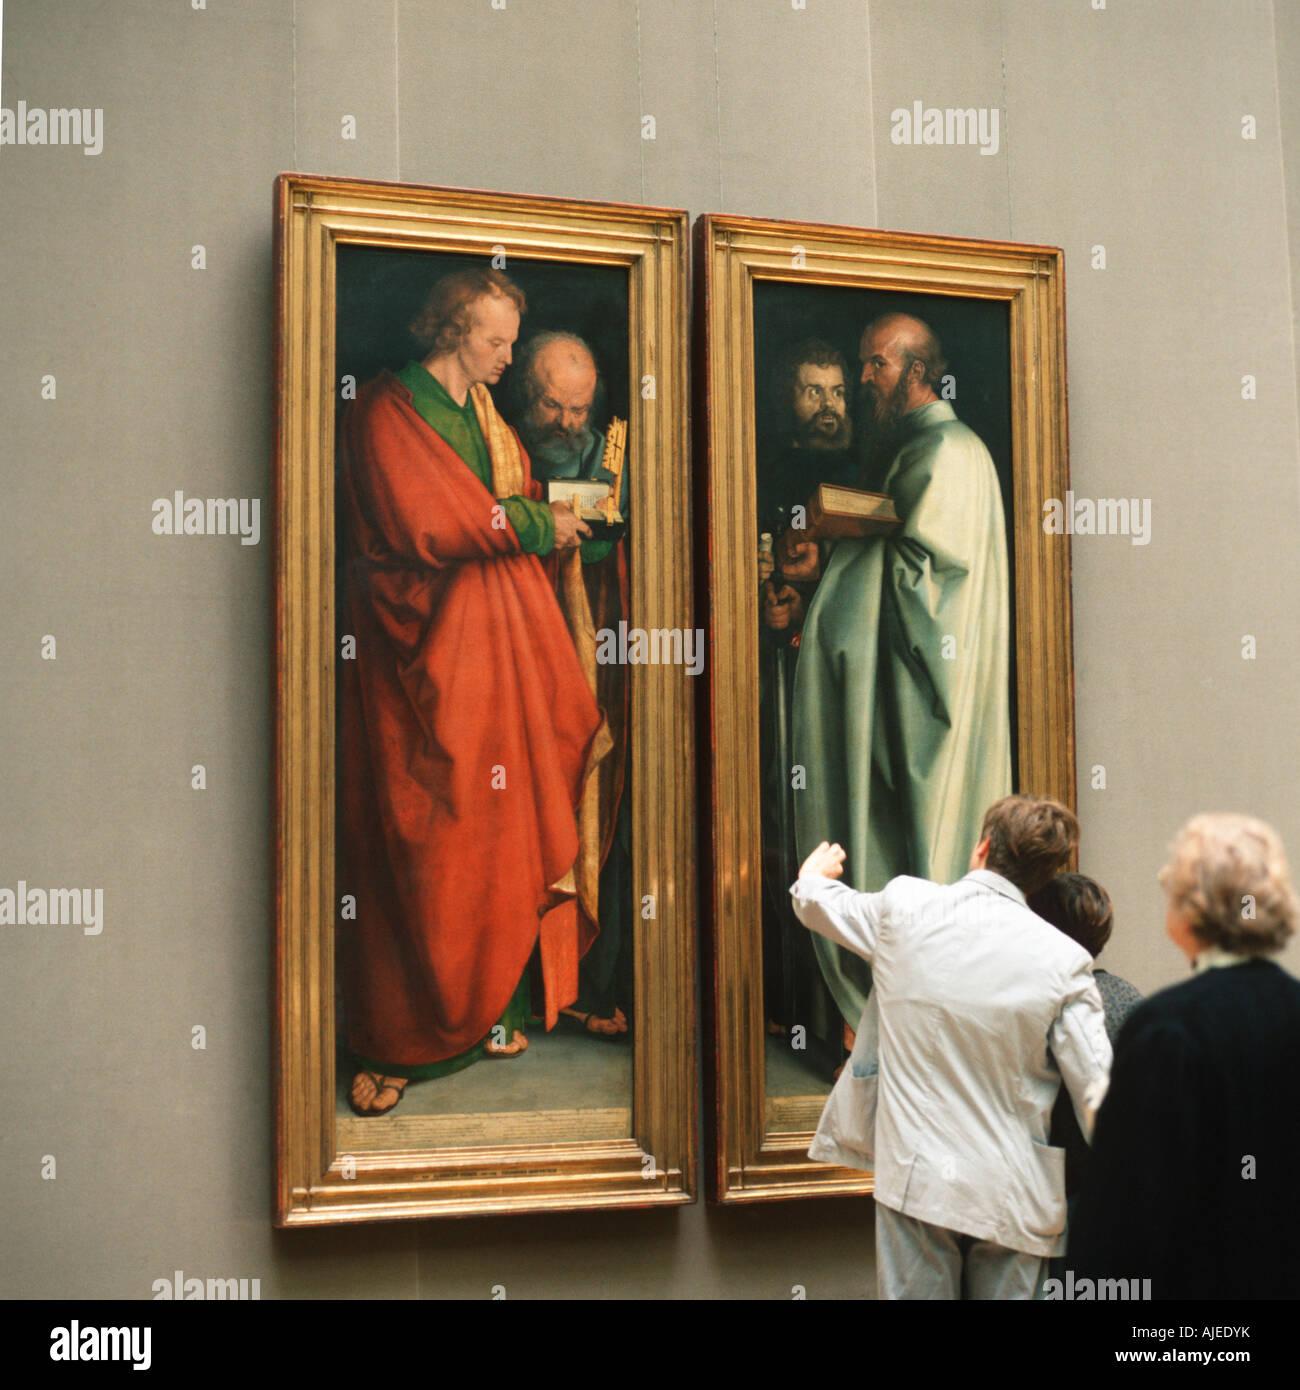 EU DE Deutschland Bayern München Alte Pinakothek vier Apostel von Albrecht Dürer PR Nein Herr Nein Drittrechte Stockbild